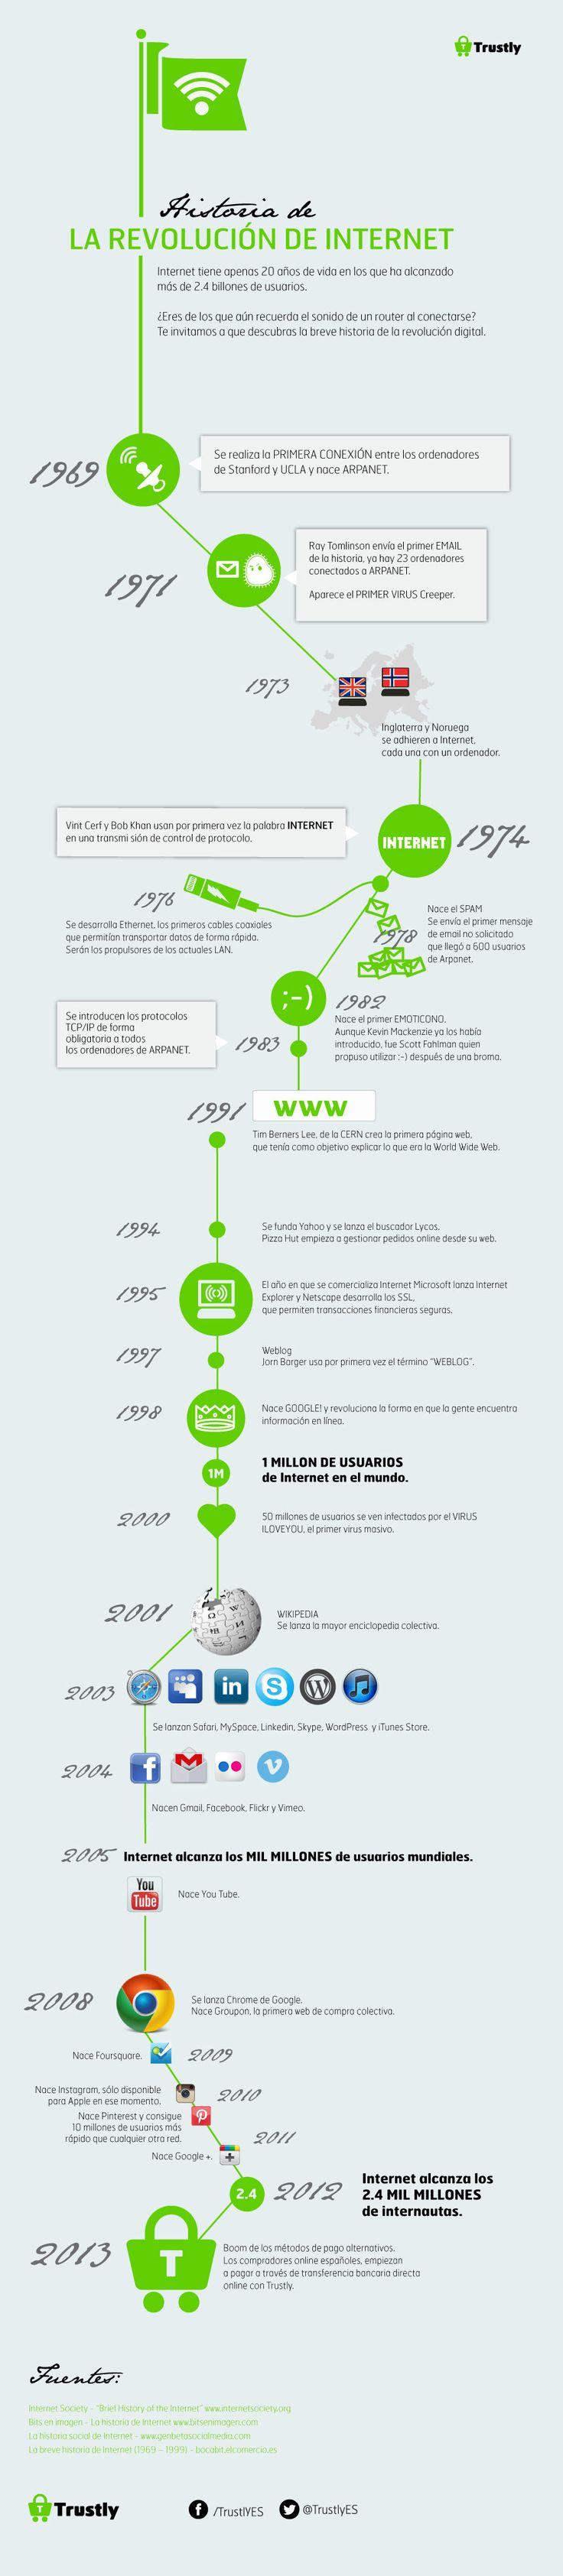 Anatomía de la revolución de Internet #infografia